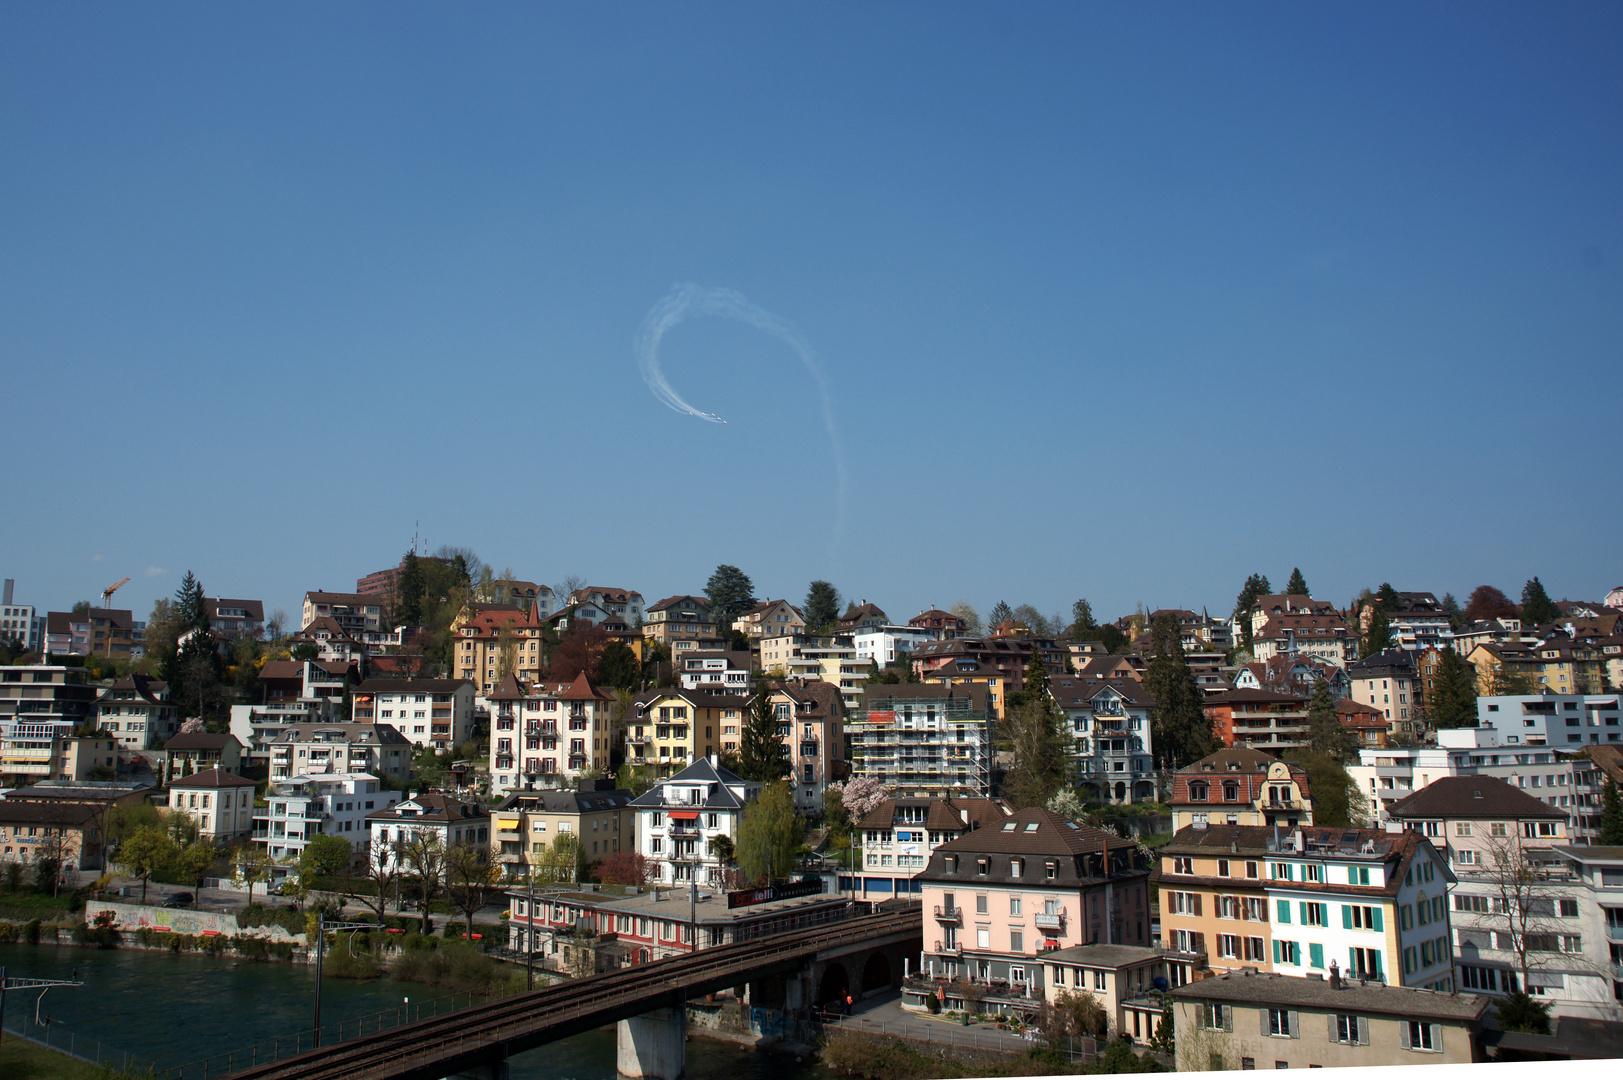 Patrouille Suisse im Training, fotografiert von meinem Balkon aus